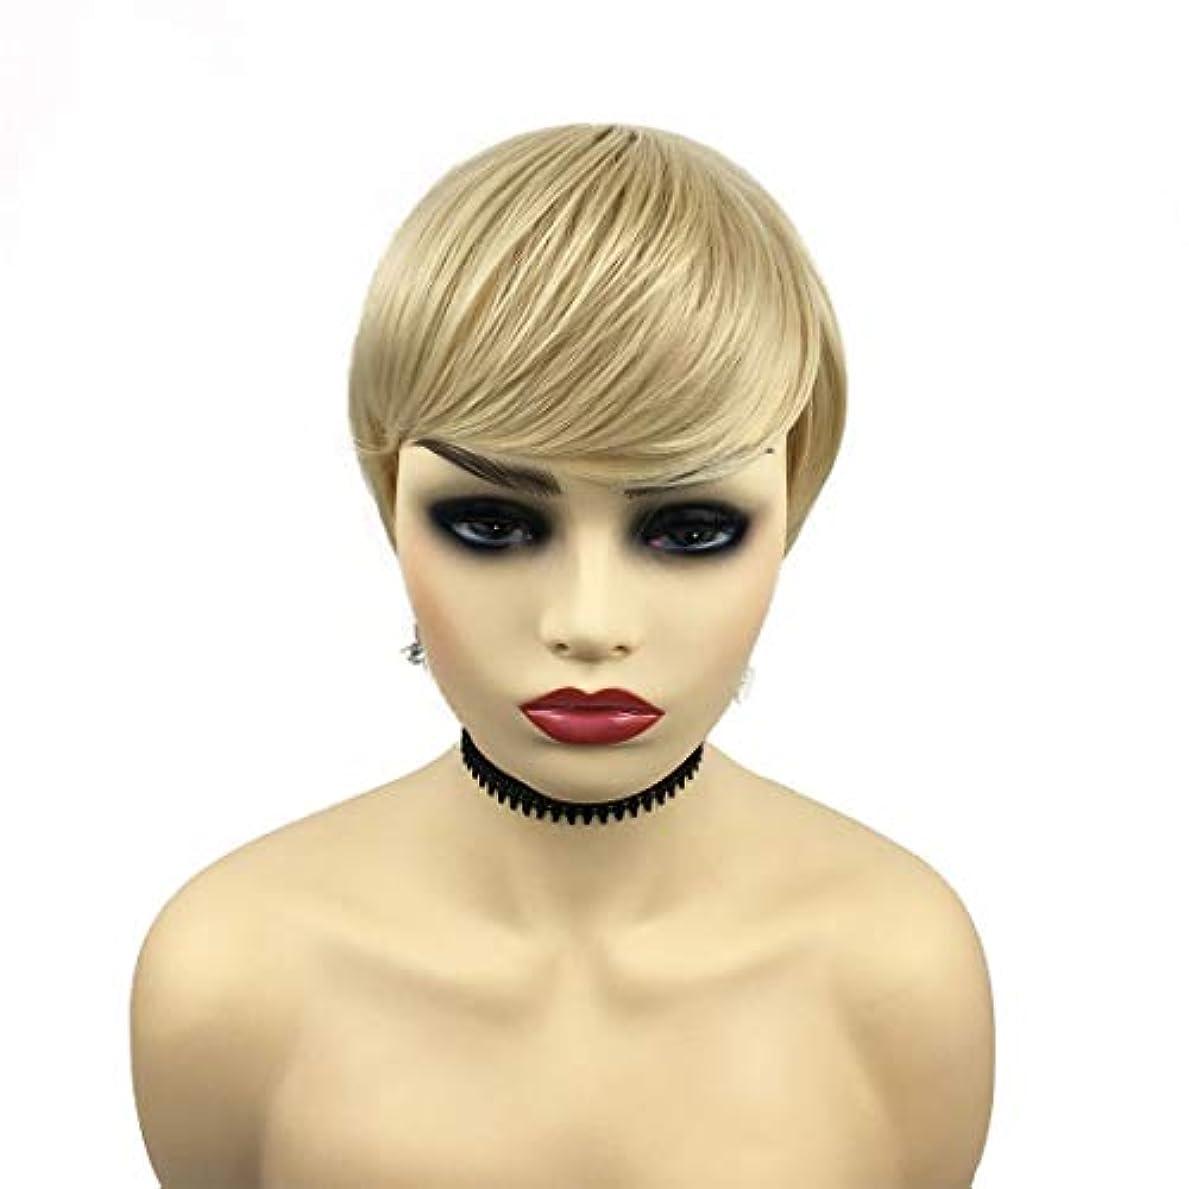 ラボ矢印触手YOUQIU 女性の耐熱ウィッグナチュラルヘアウィッグのための金髪ショート傾斜部髪ストレート天然、合成ストレートウィッグ (色 : Blonde)